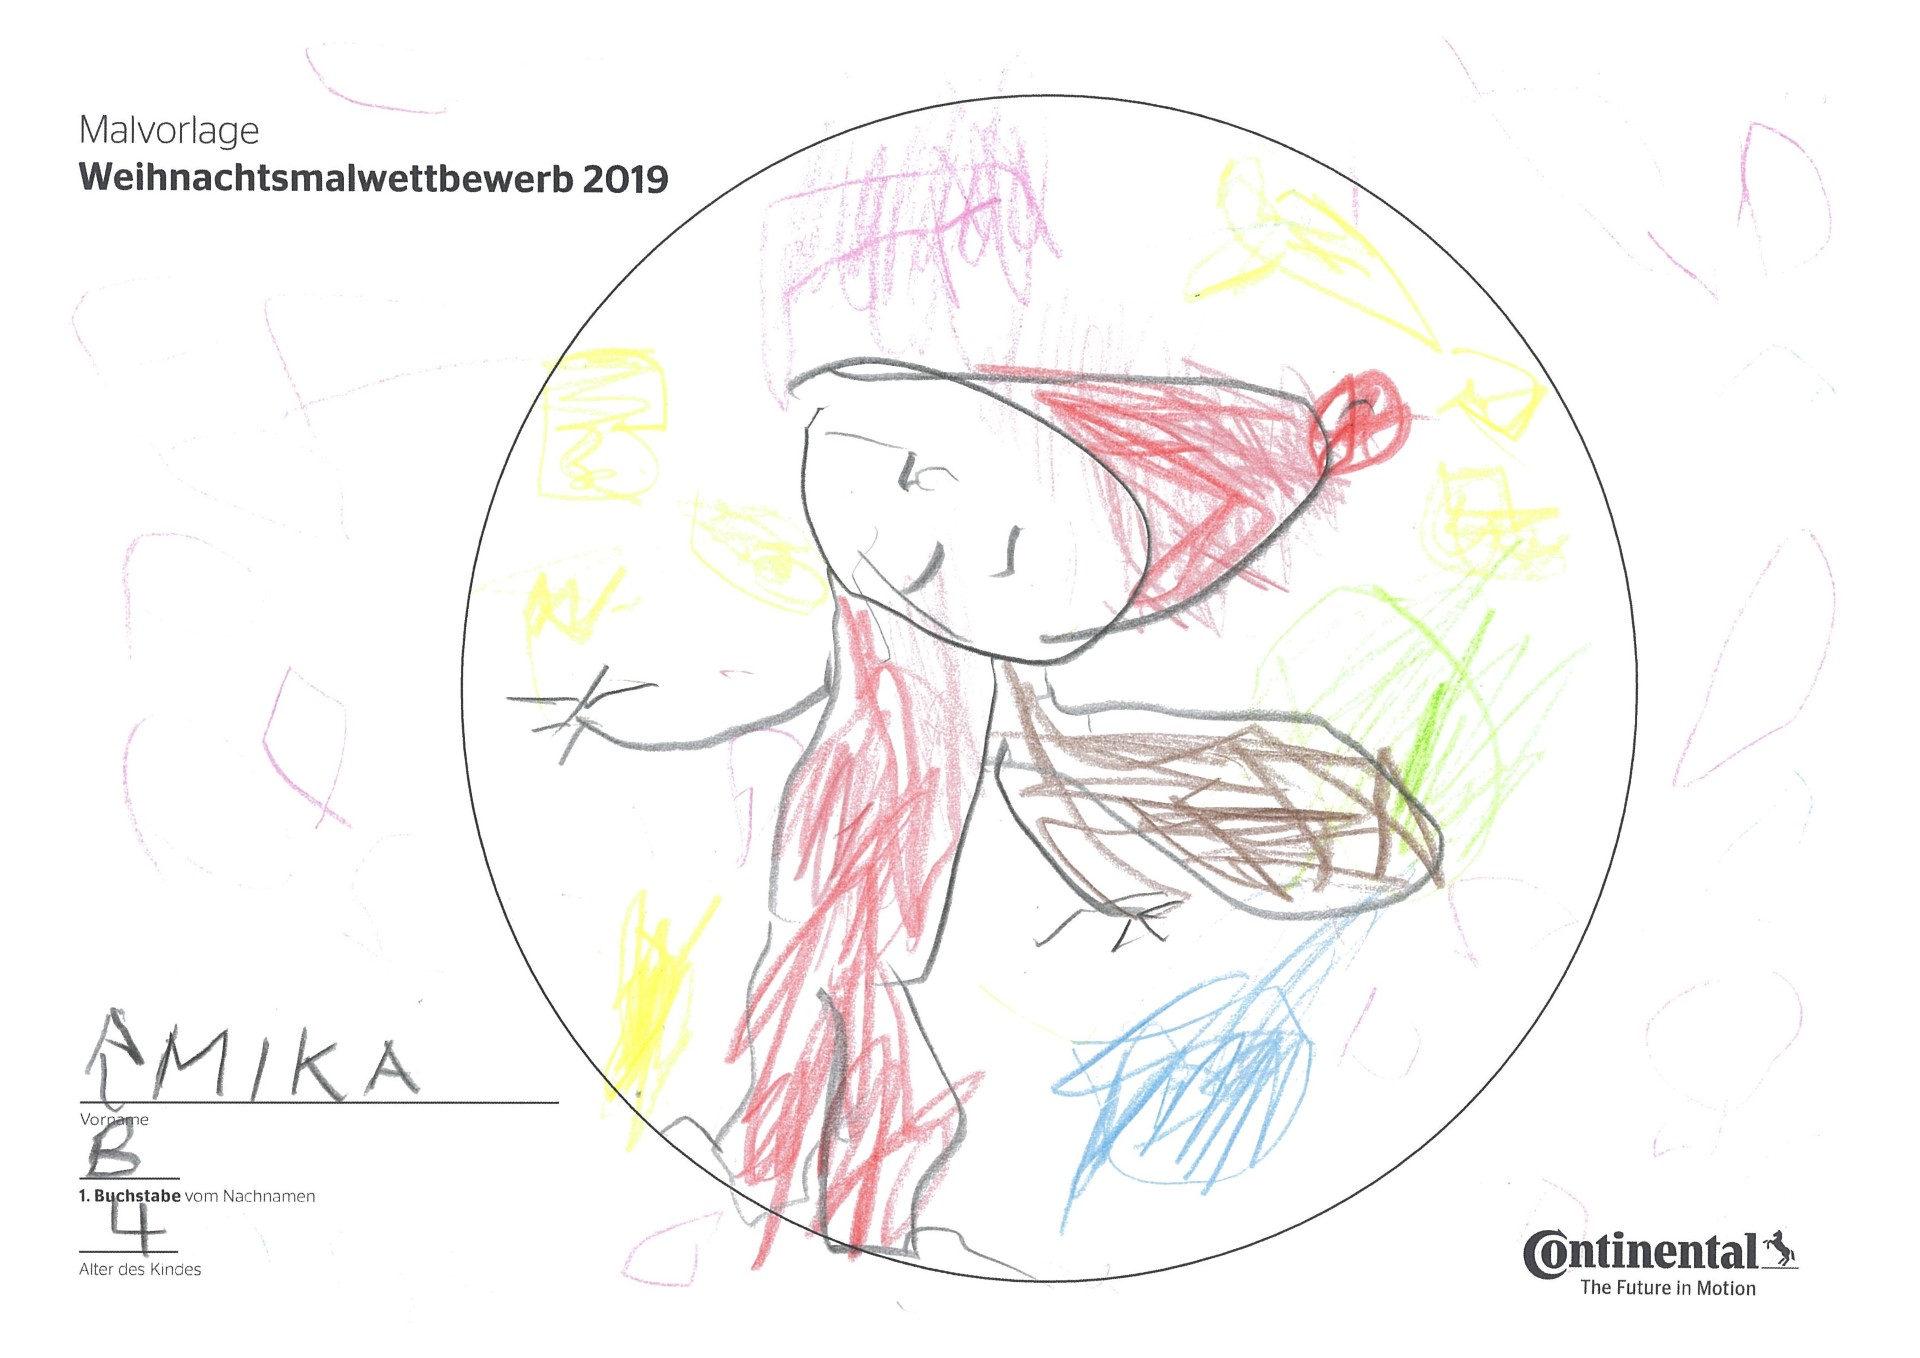 Mika B. (4)